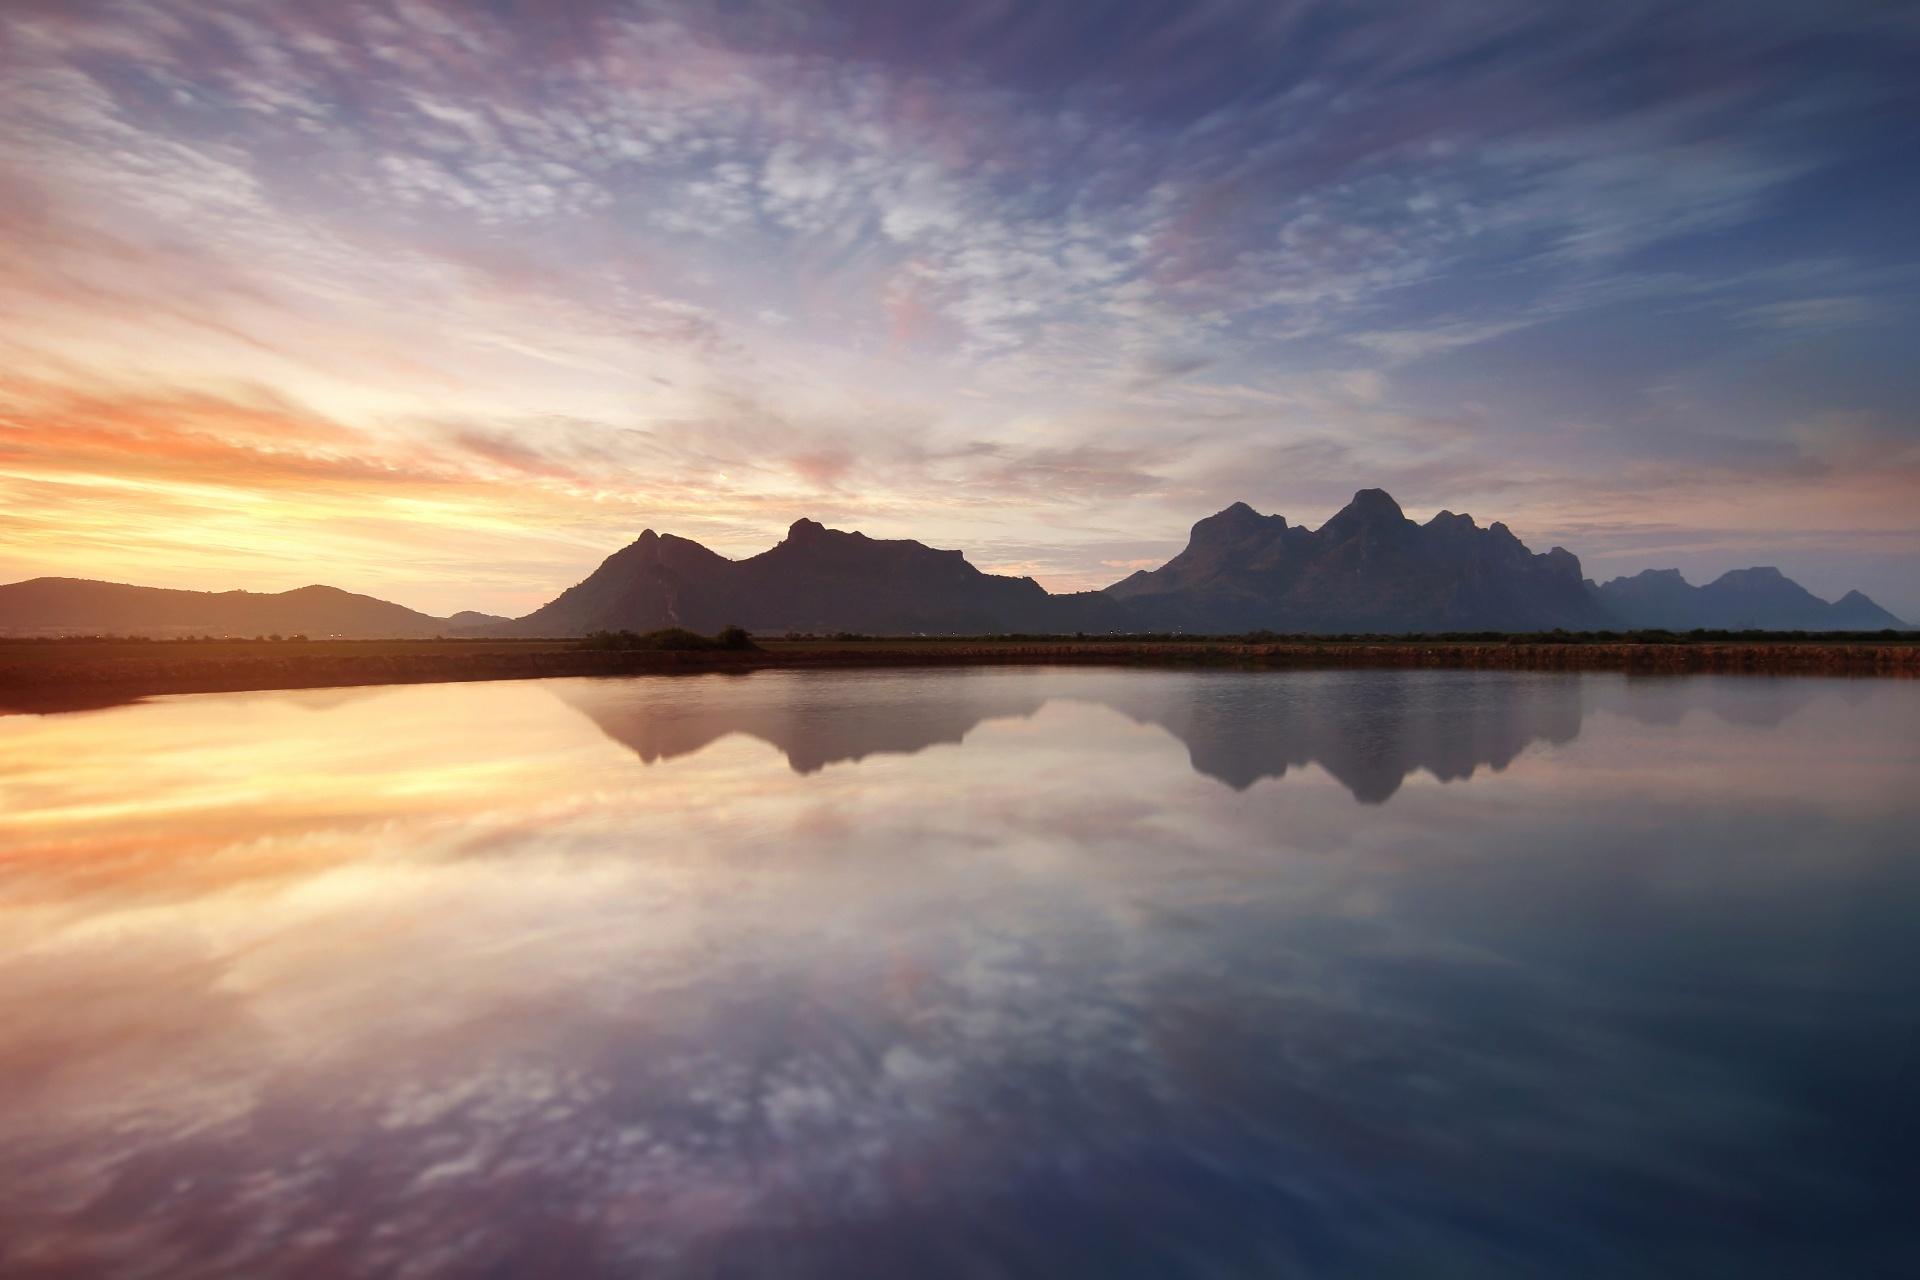 カオ・サームローイヨート海洋国立公園の朝の風景 タイの風景